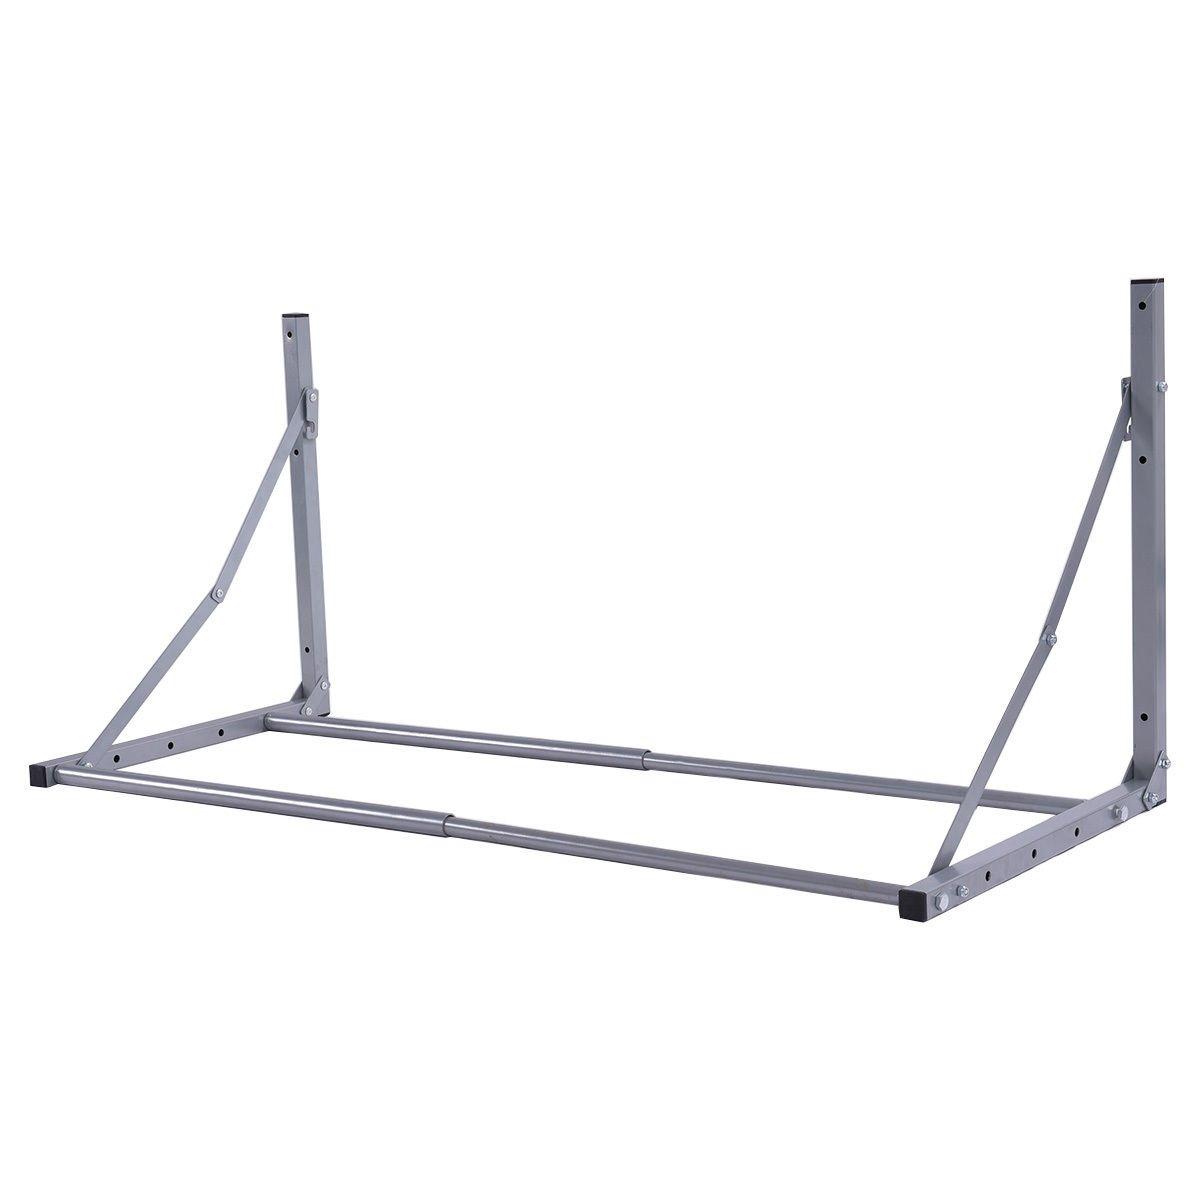 Tire Wheel Rack Storage Folding Holder Heavy Duty Garage Wall Mount Steel 300Lb